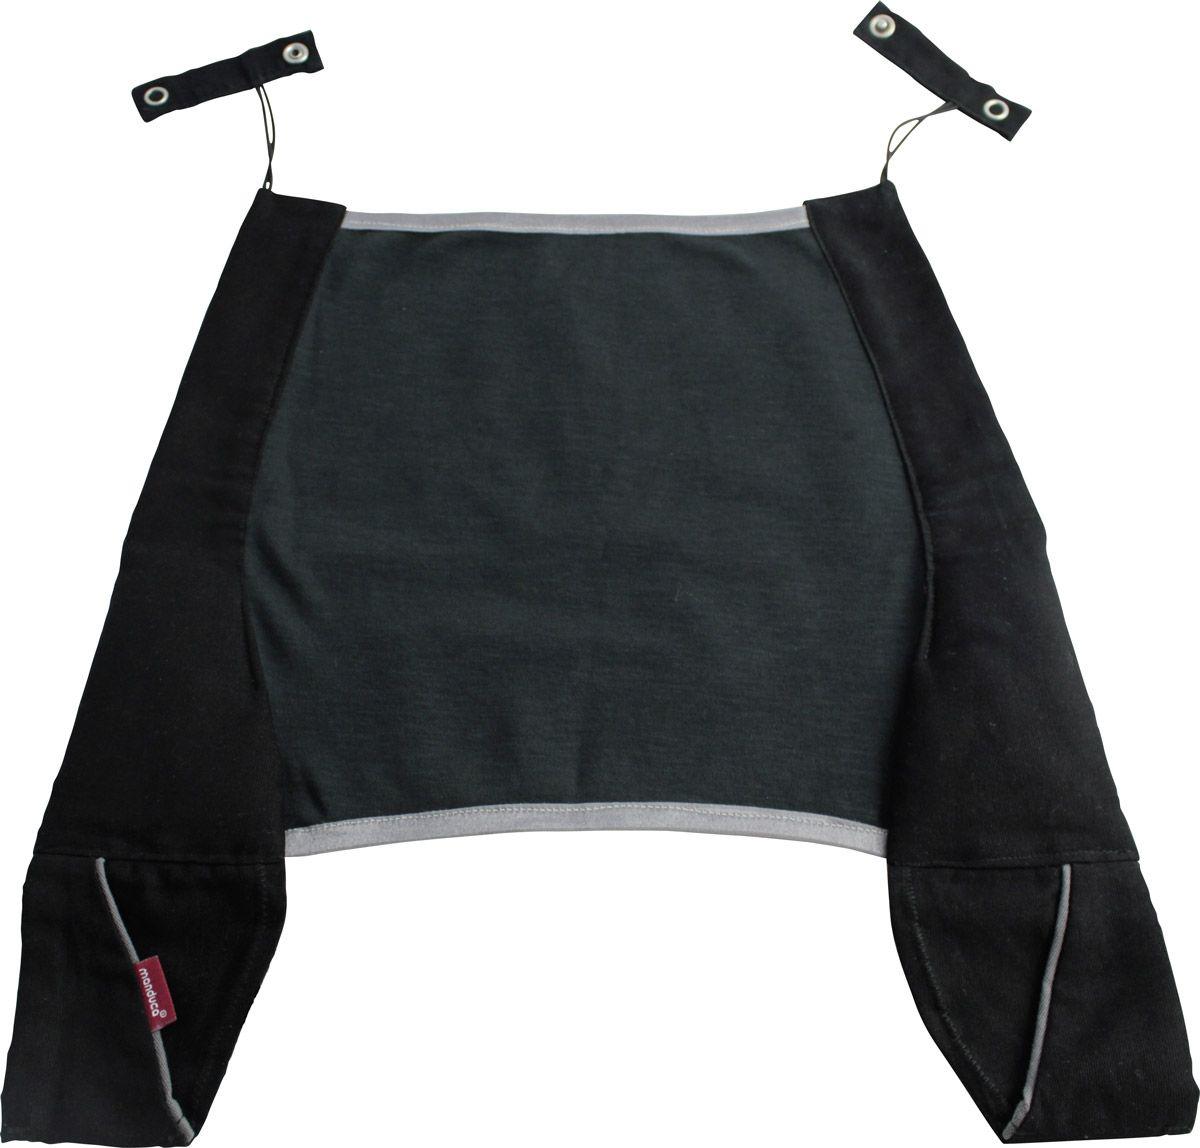 Manduca Расширитель спинки слинг-рюкзака ExTend цвет черный - Рюкзаки, слинги, кенгуру